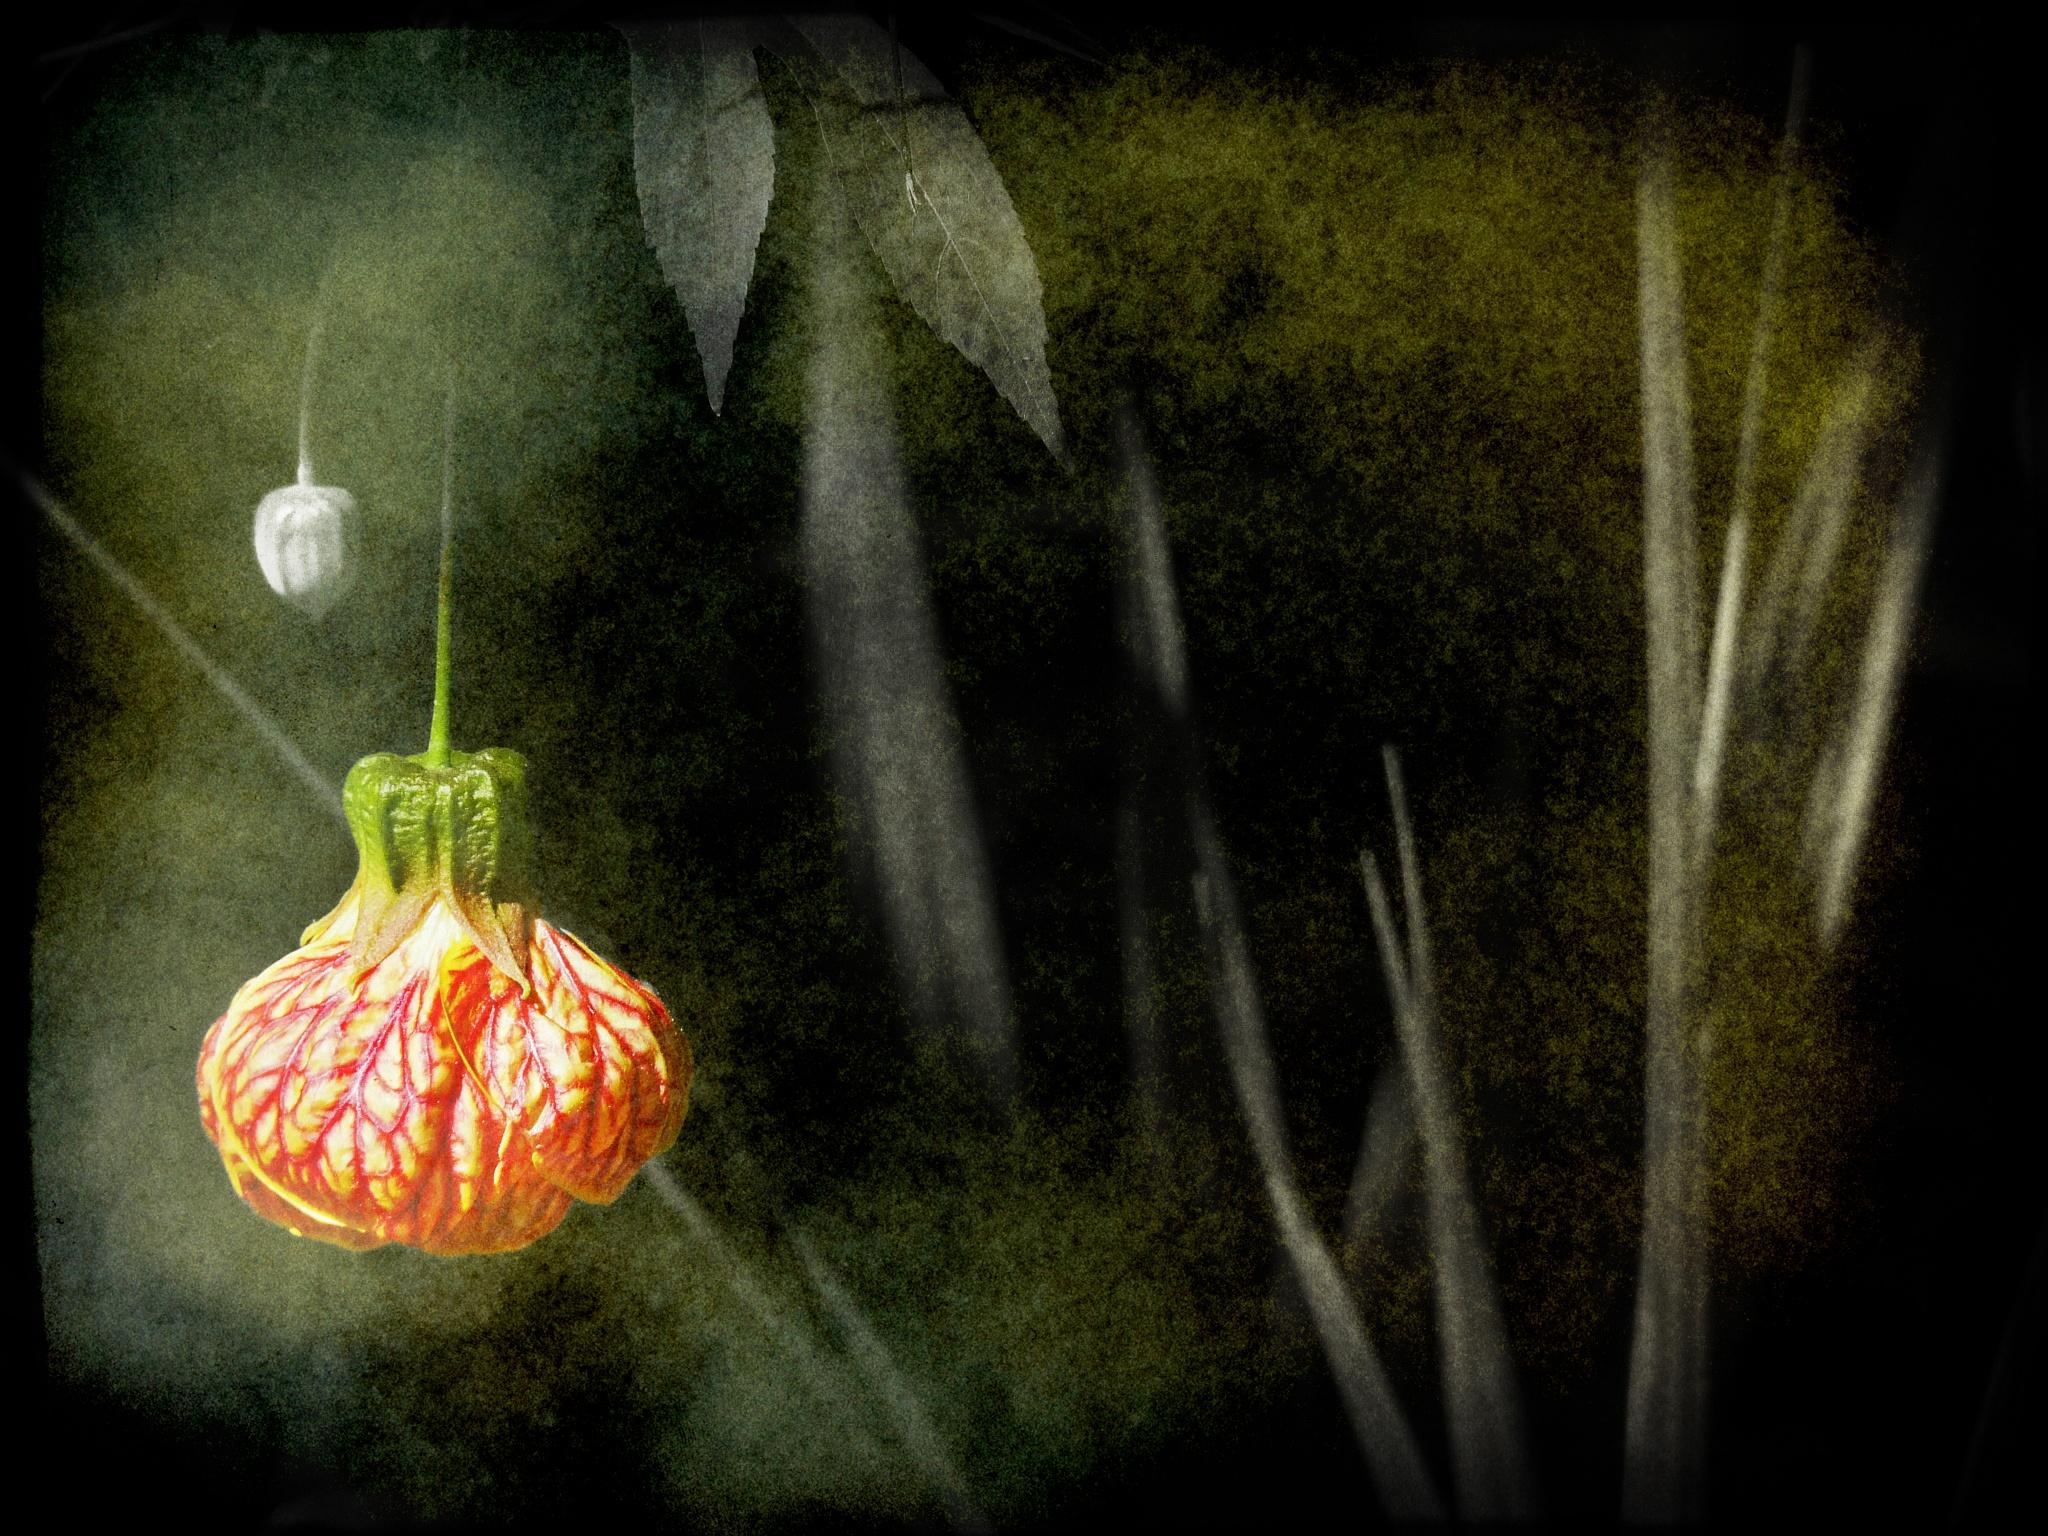 Chinese lantern by nick.kenrick.9